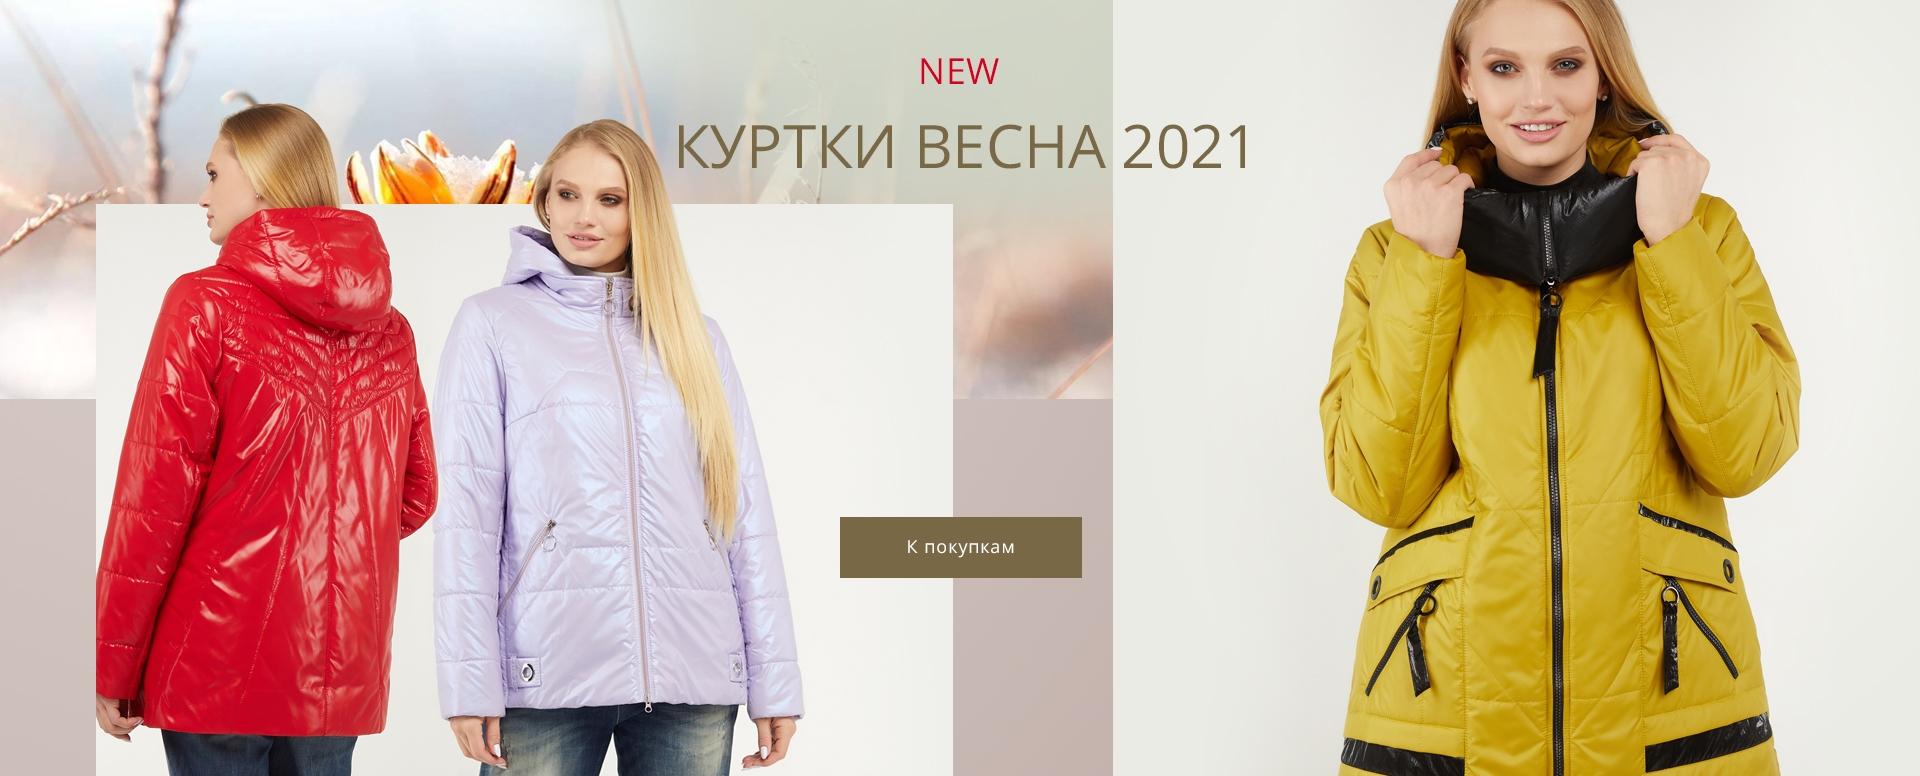 NEW Демисезонные куртки больших размеров Весна 2021